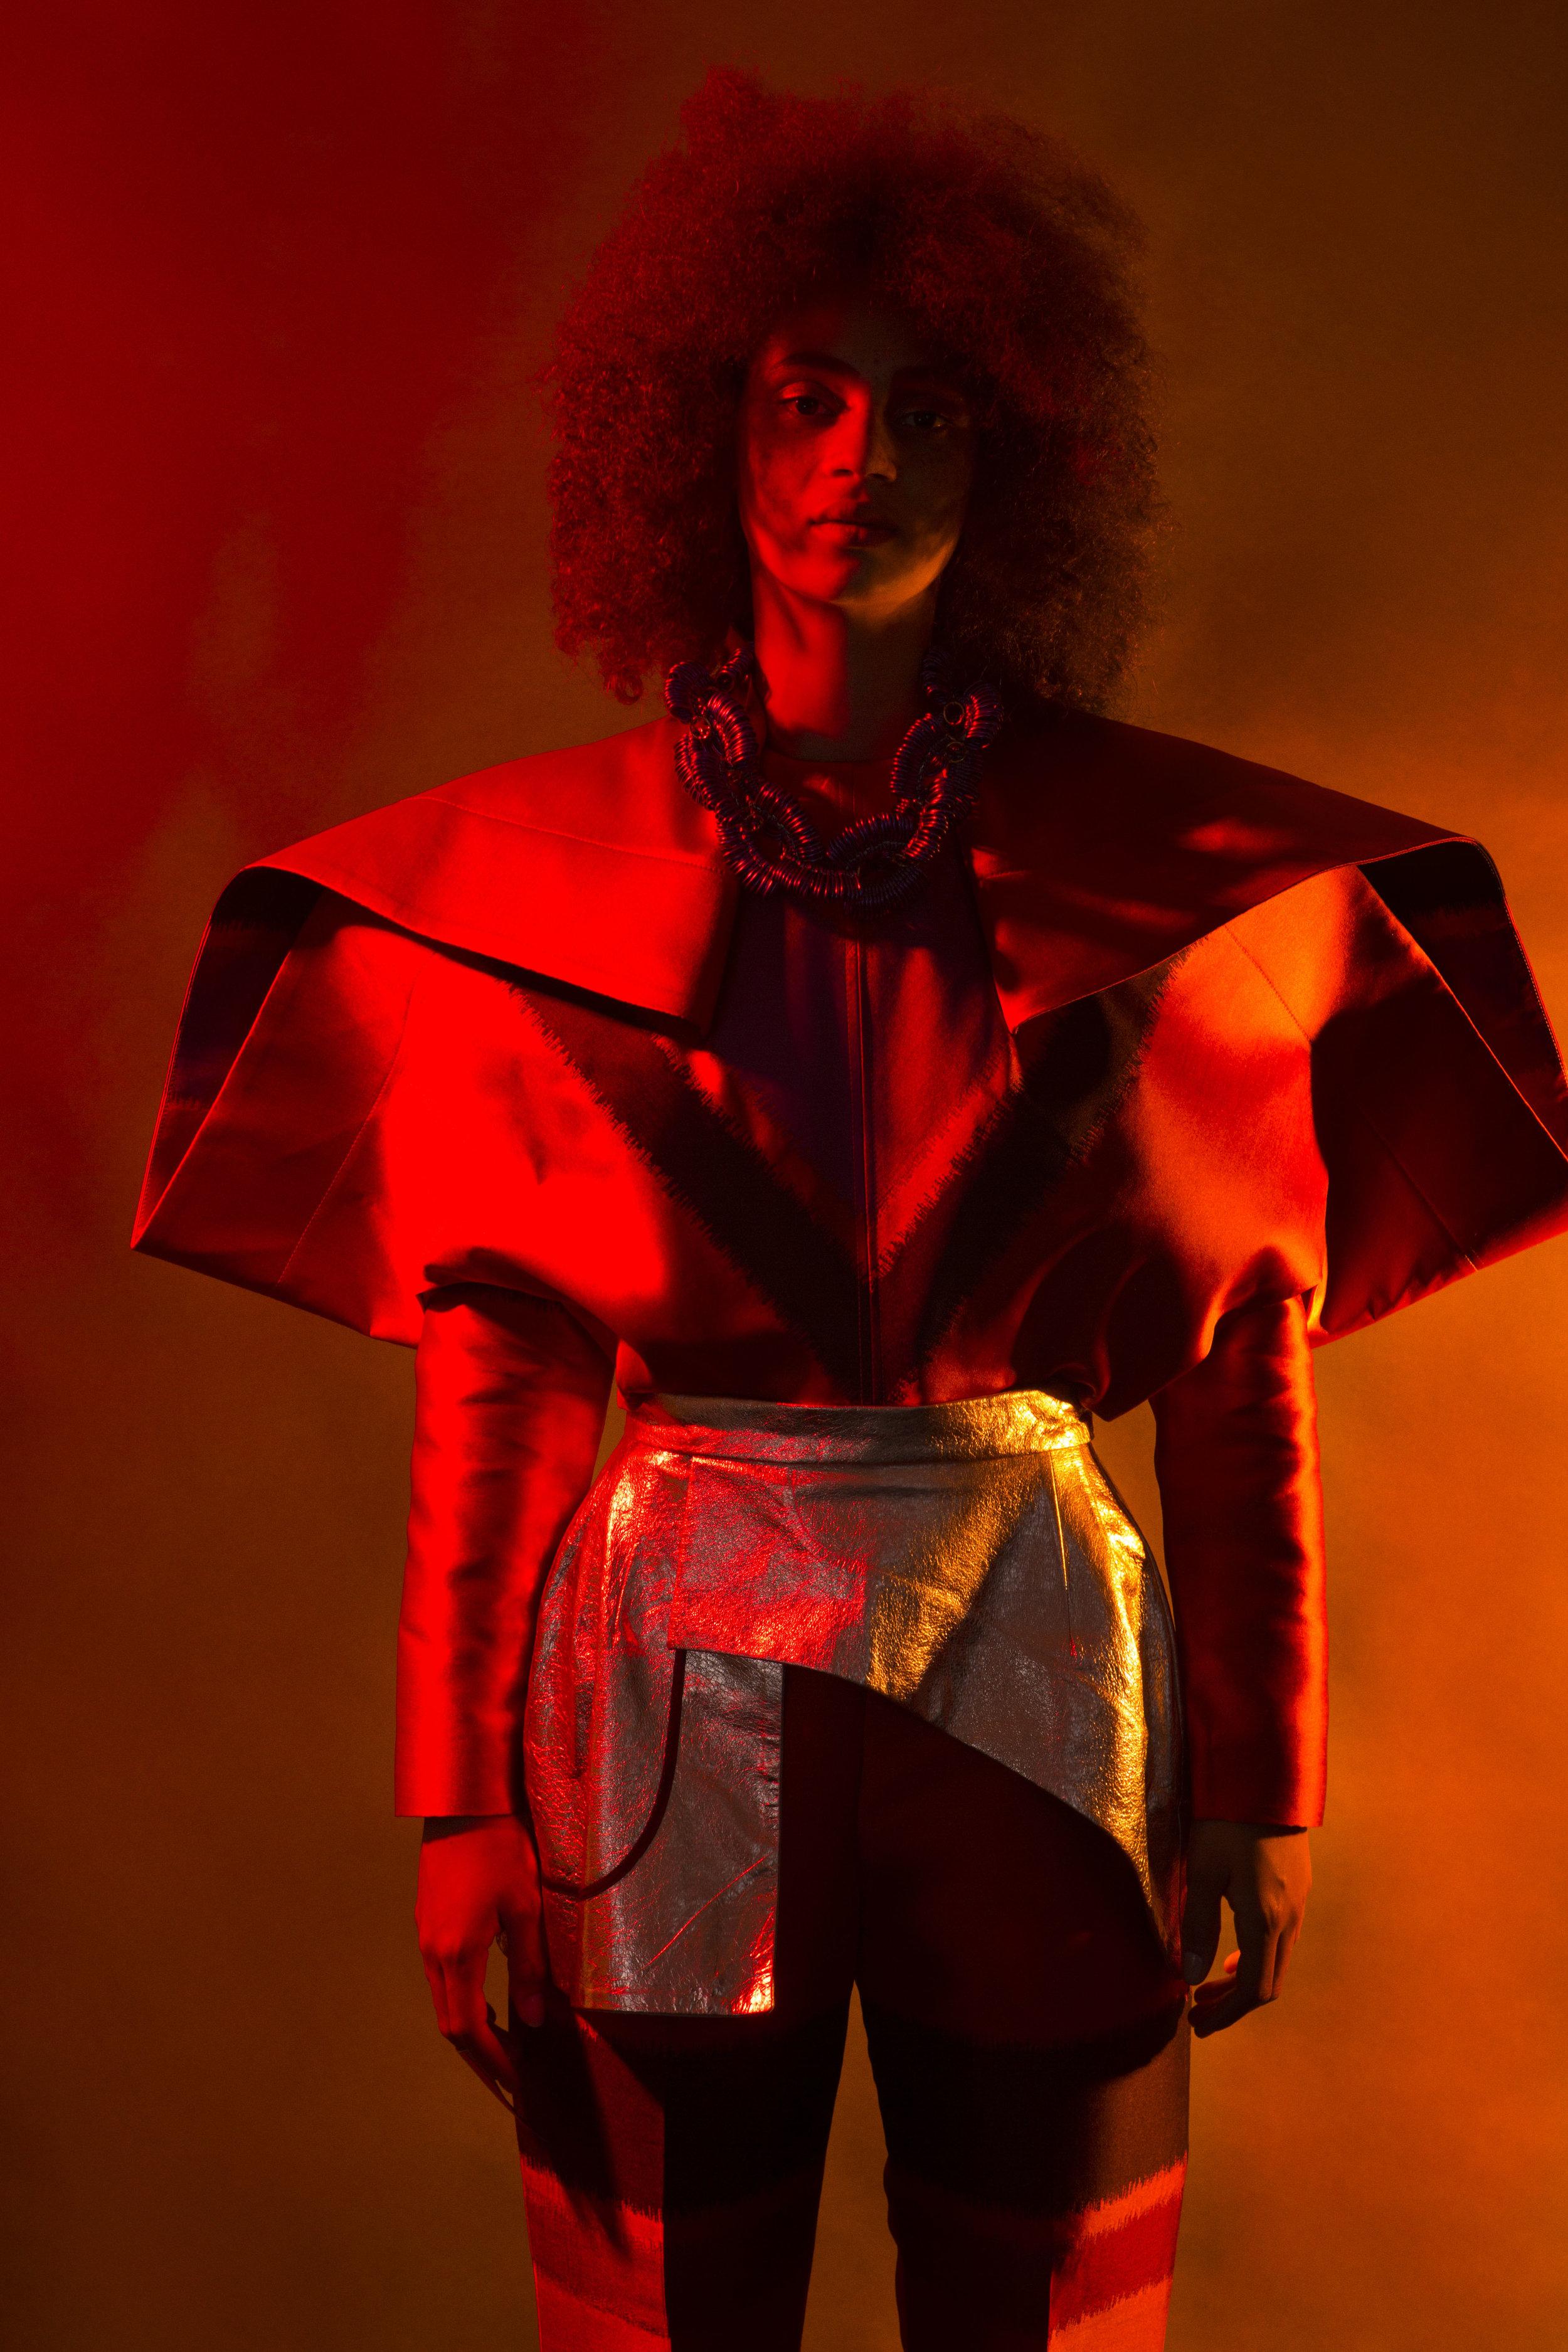 Jumpsuit: CIMONE, Skirt and Neckpiece: LONGSHAW WARD, Ring: EKRIA